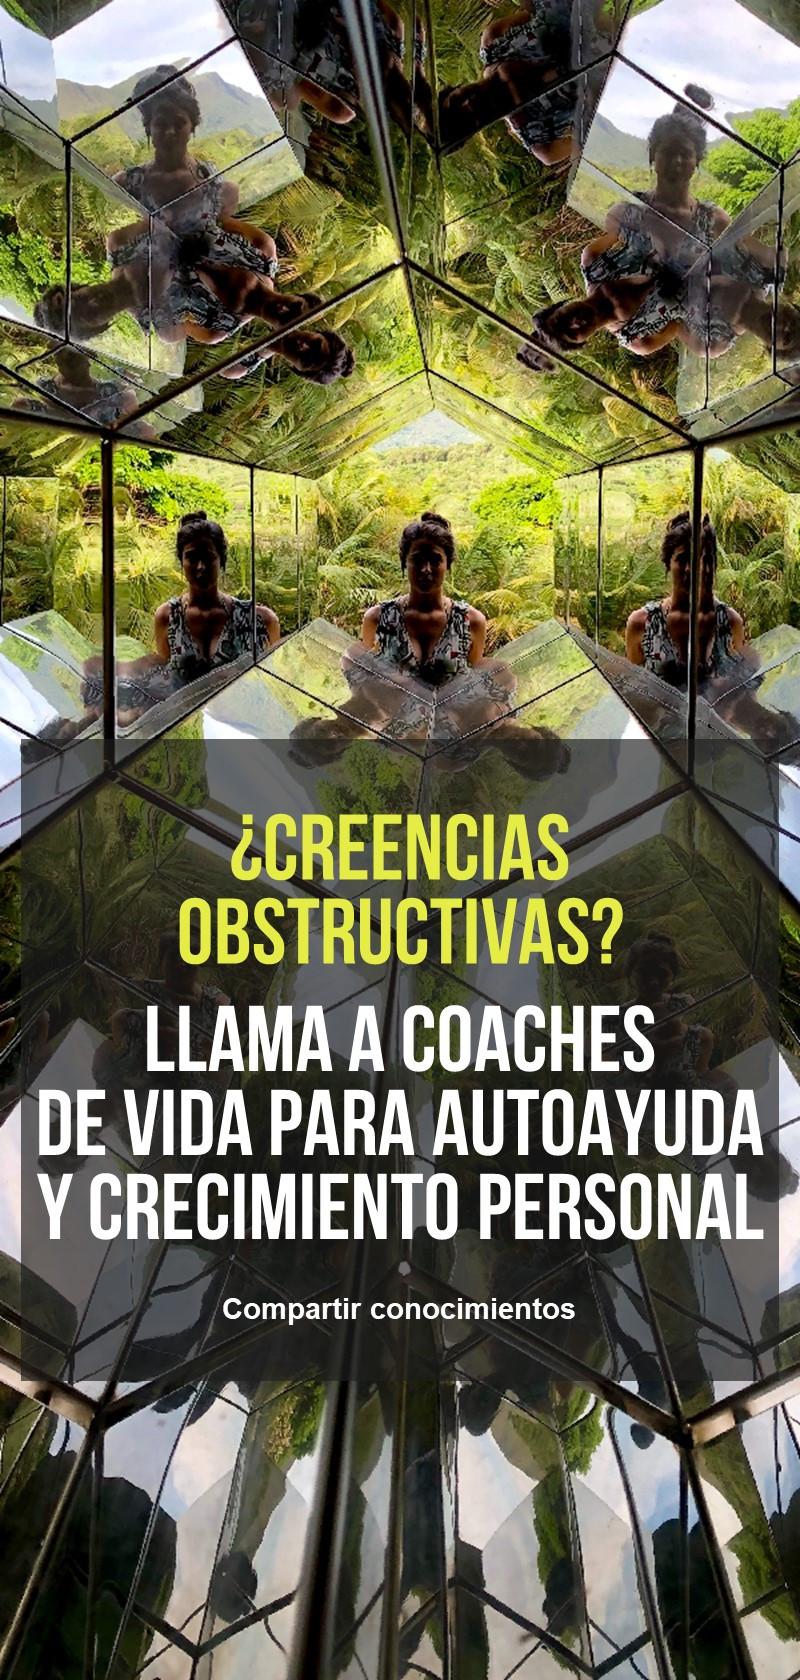 Coaches de vida para el crecimiento personal